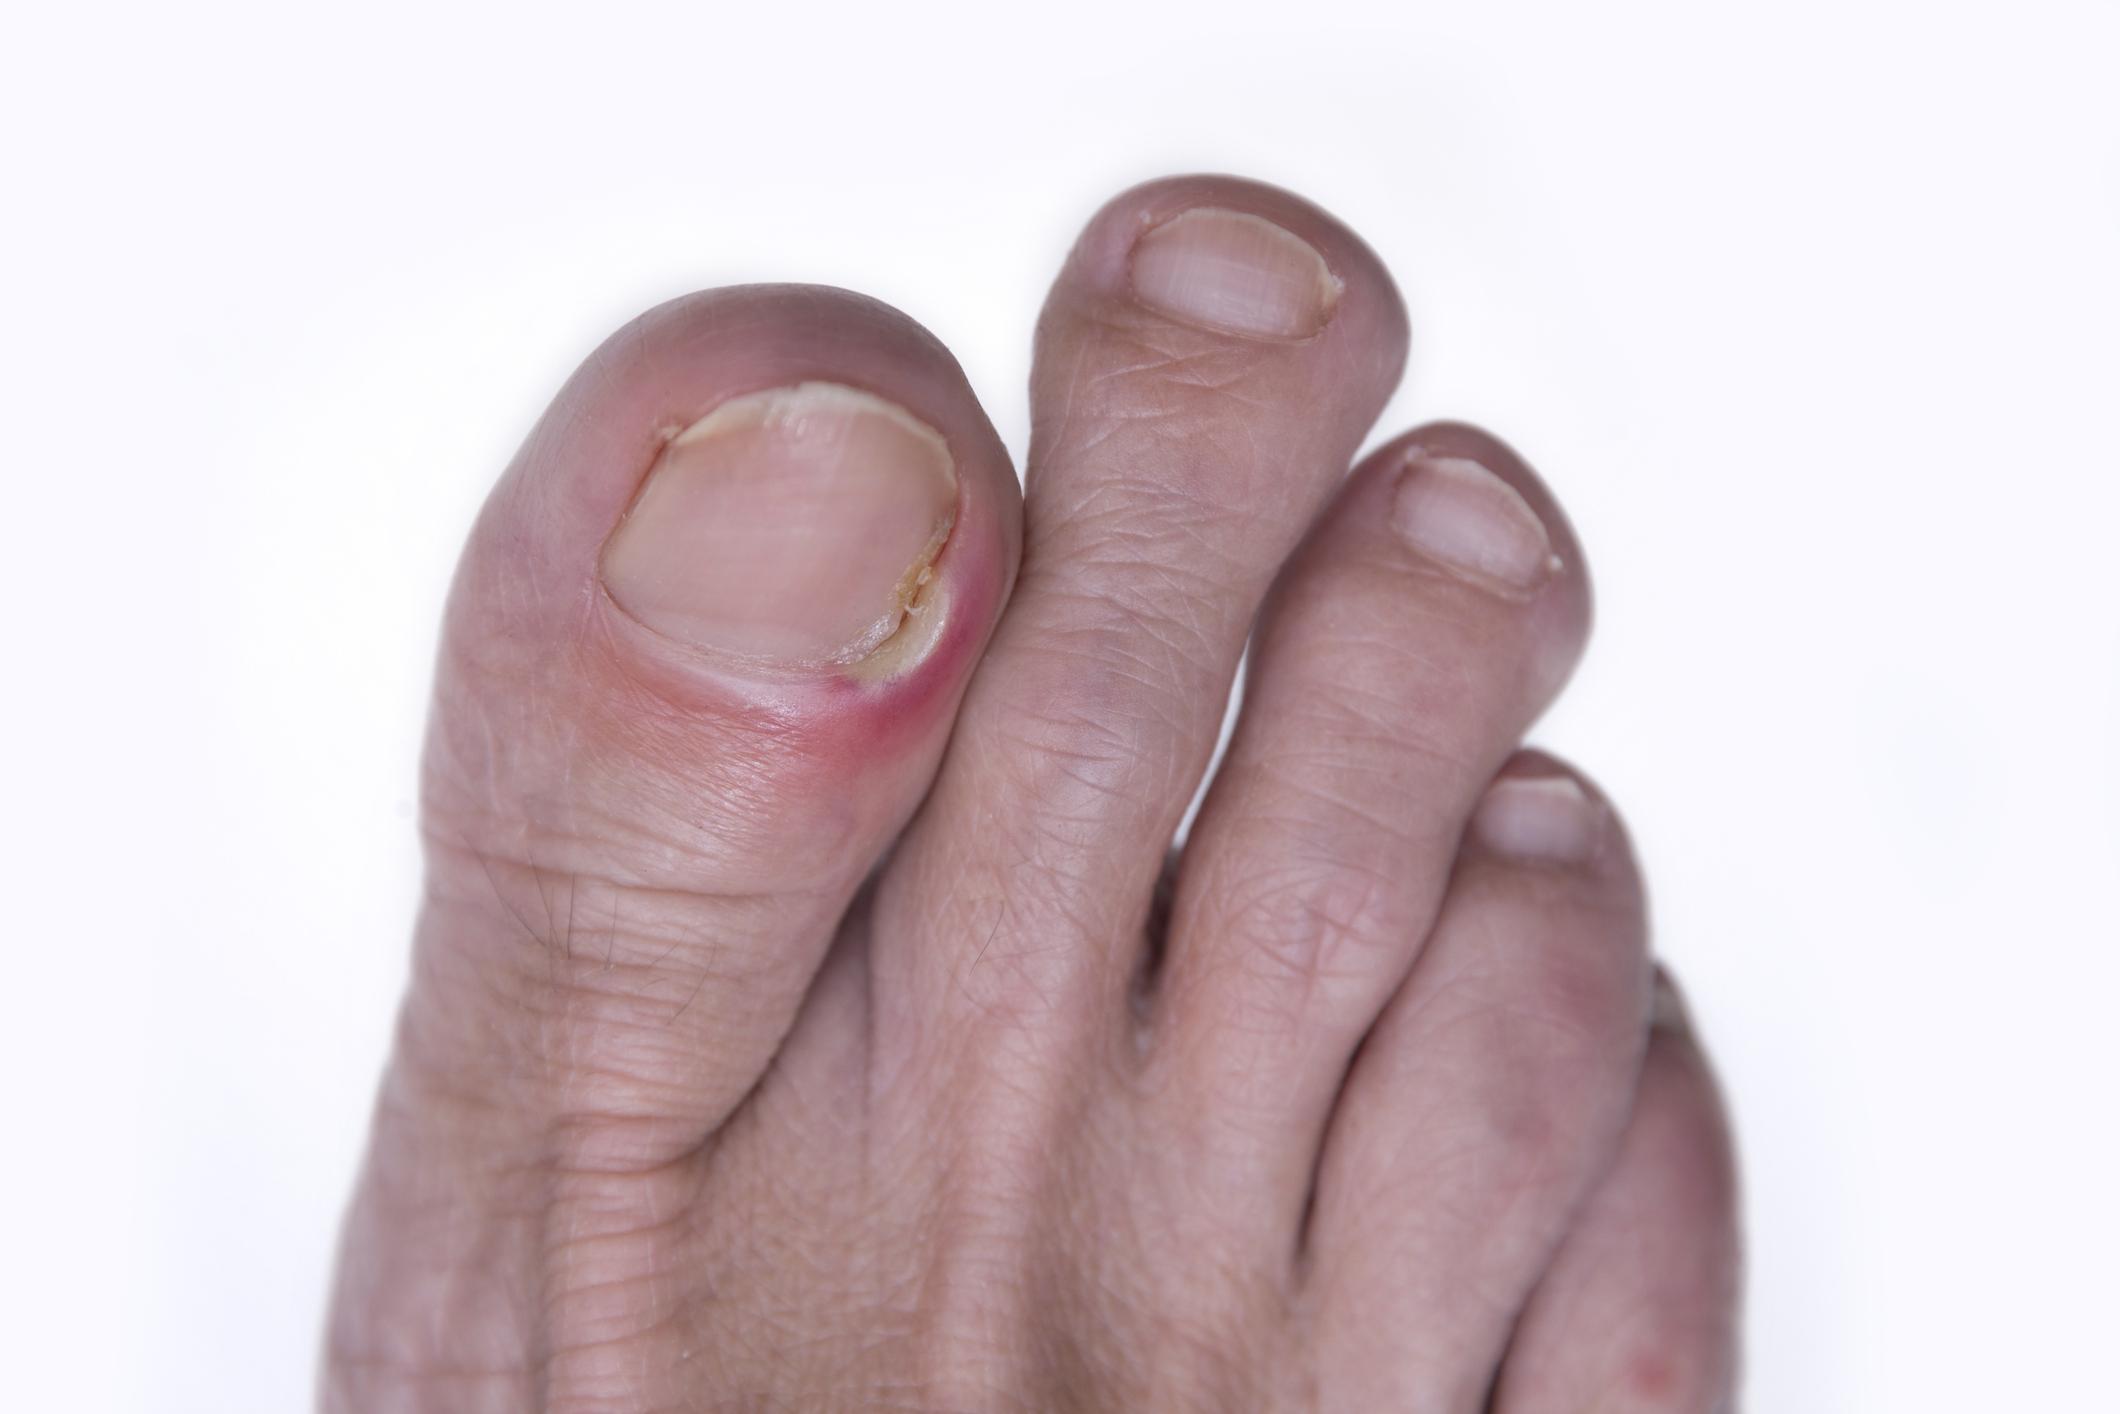 ingrown toe nail | Health Beat